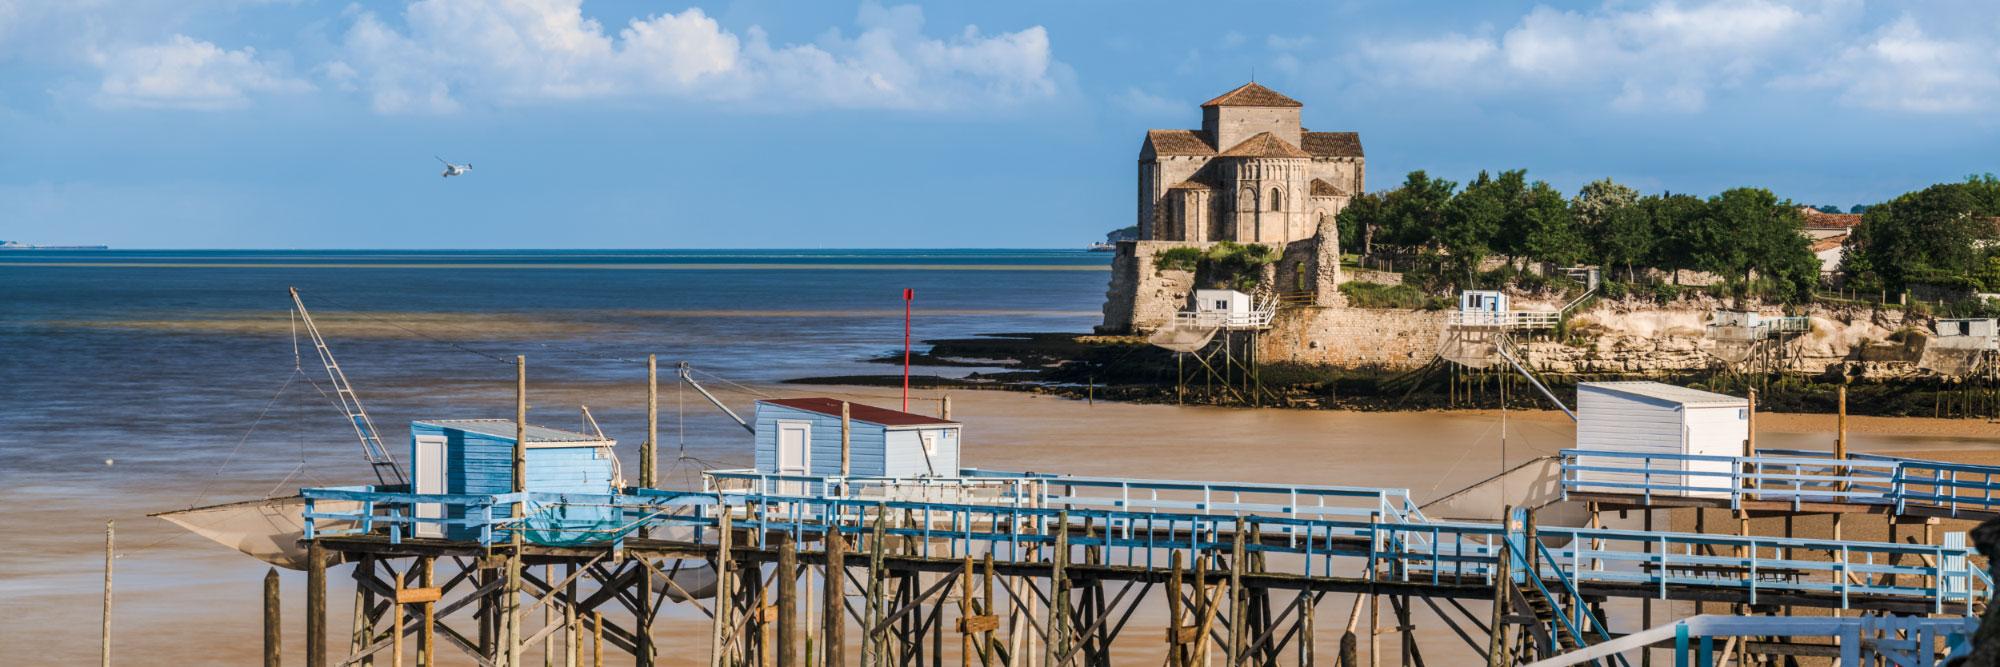 Carrelets devant la presqu'île de Talmont, estuaire de la Gironde